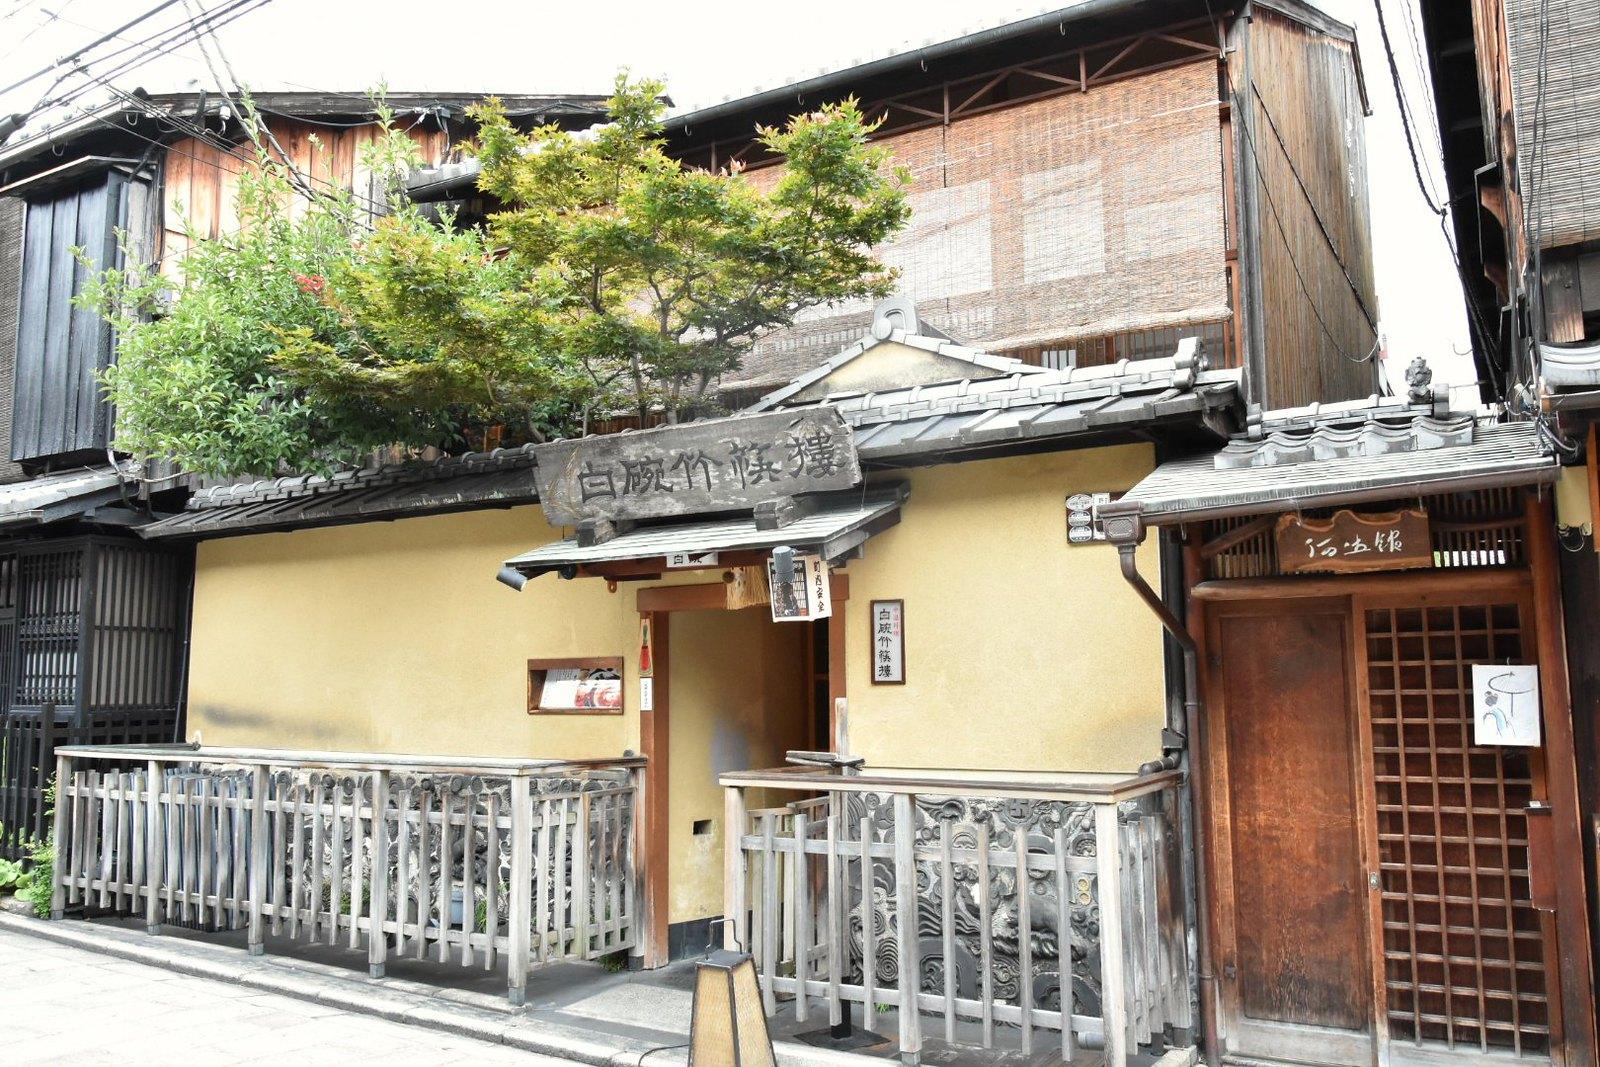 Kyôtô - Gion